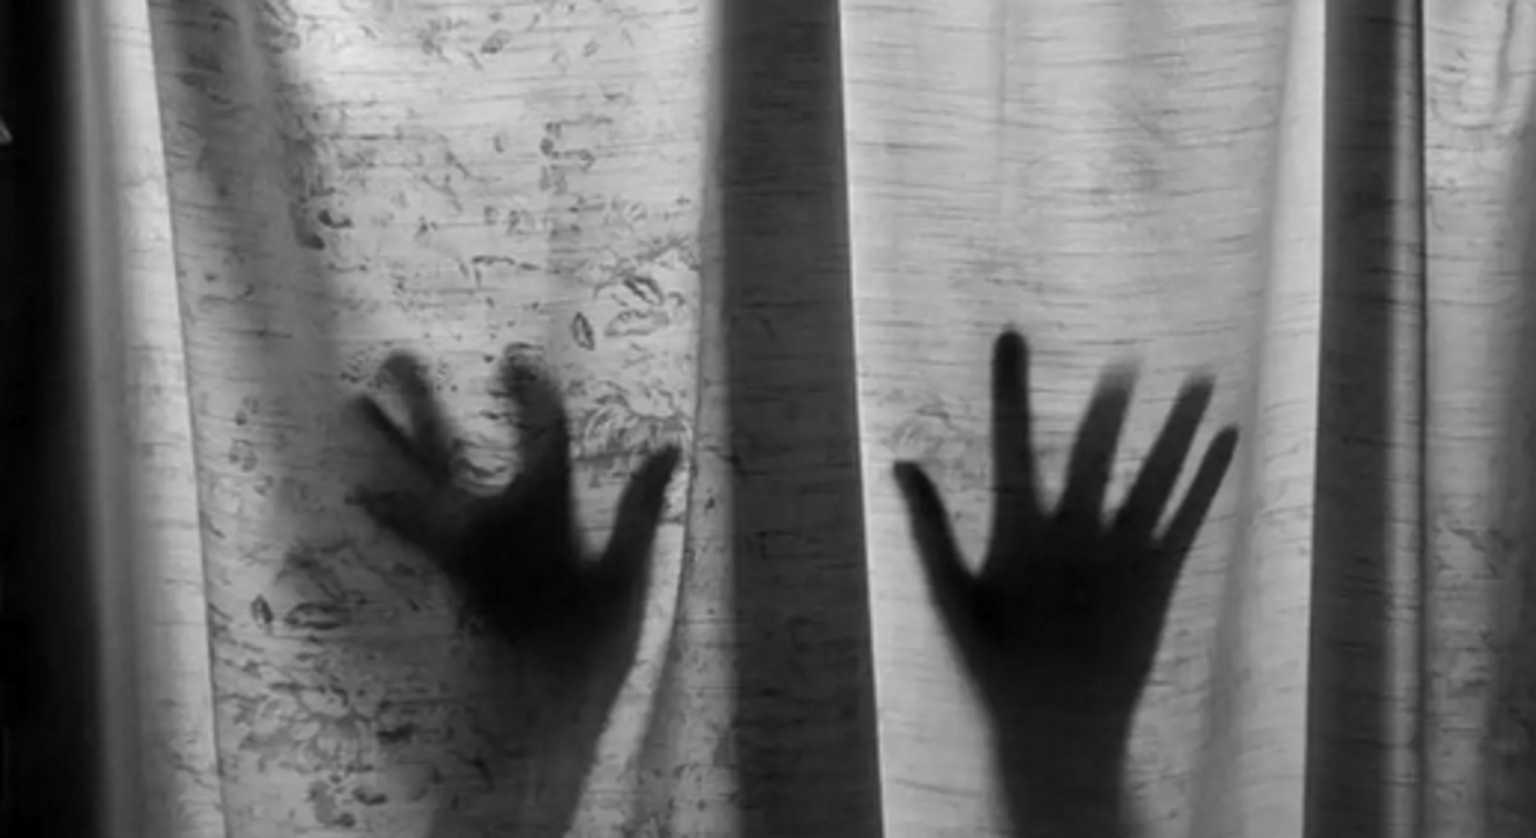 Ρόδος: Συγκλονίζει η εξομολόγηση της Αγγελικής – «Με βίαζε από τα 10 μου χρόνια με ένα σχέδιο σατανικό»